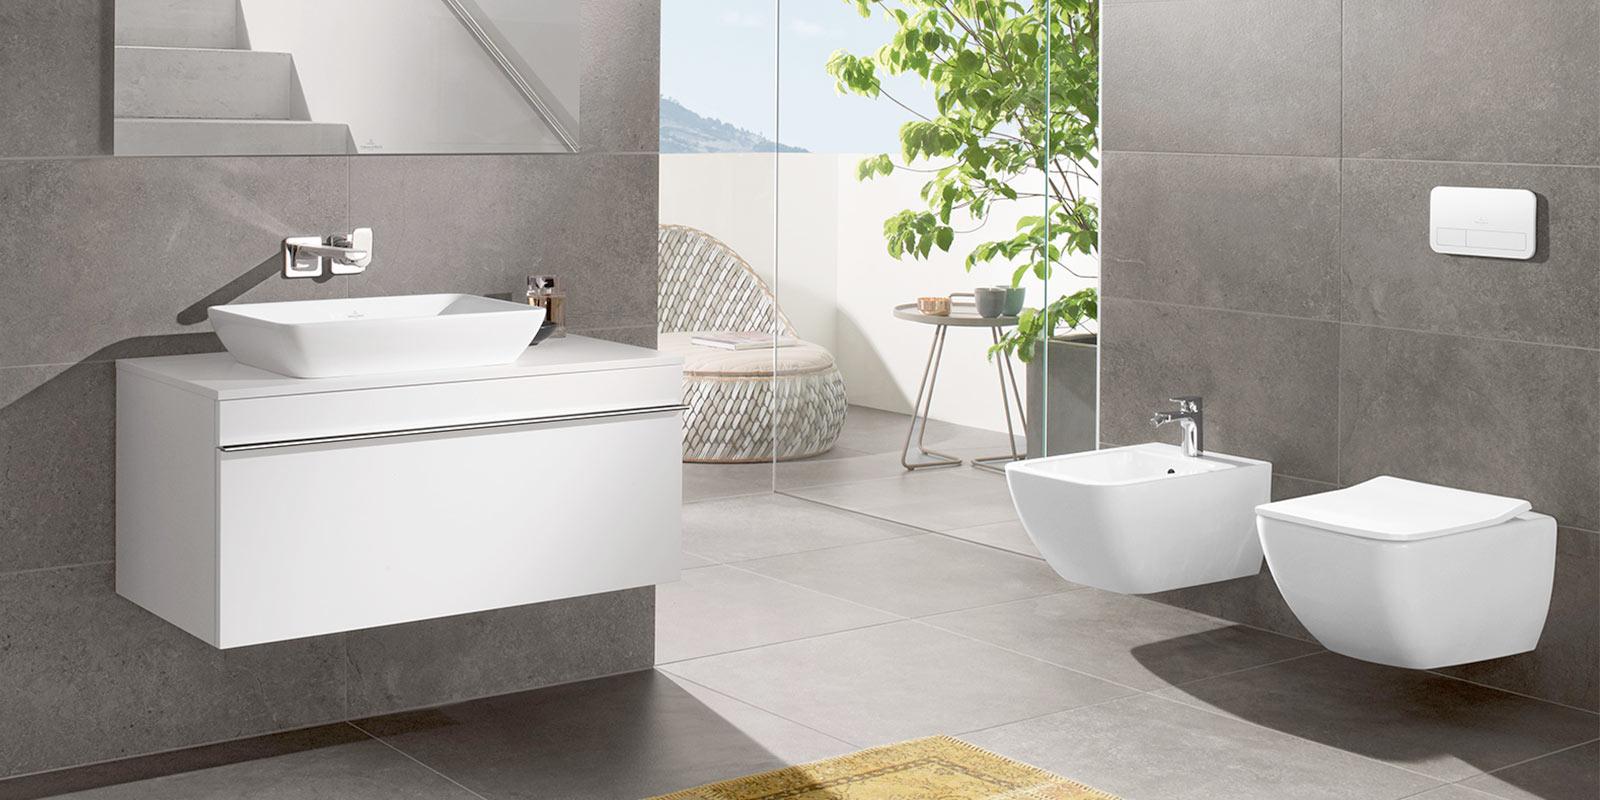 Geradliniges Baddesign mit perfekter Funktionalität